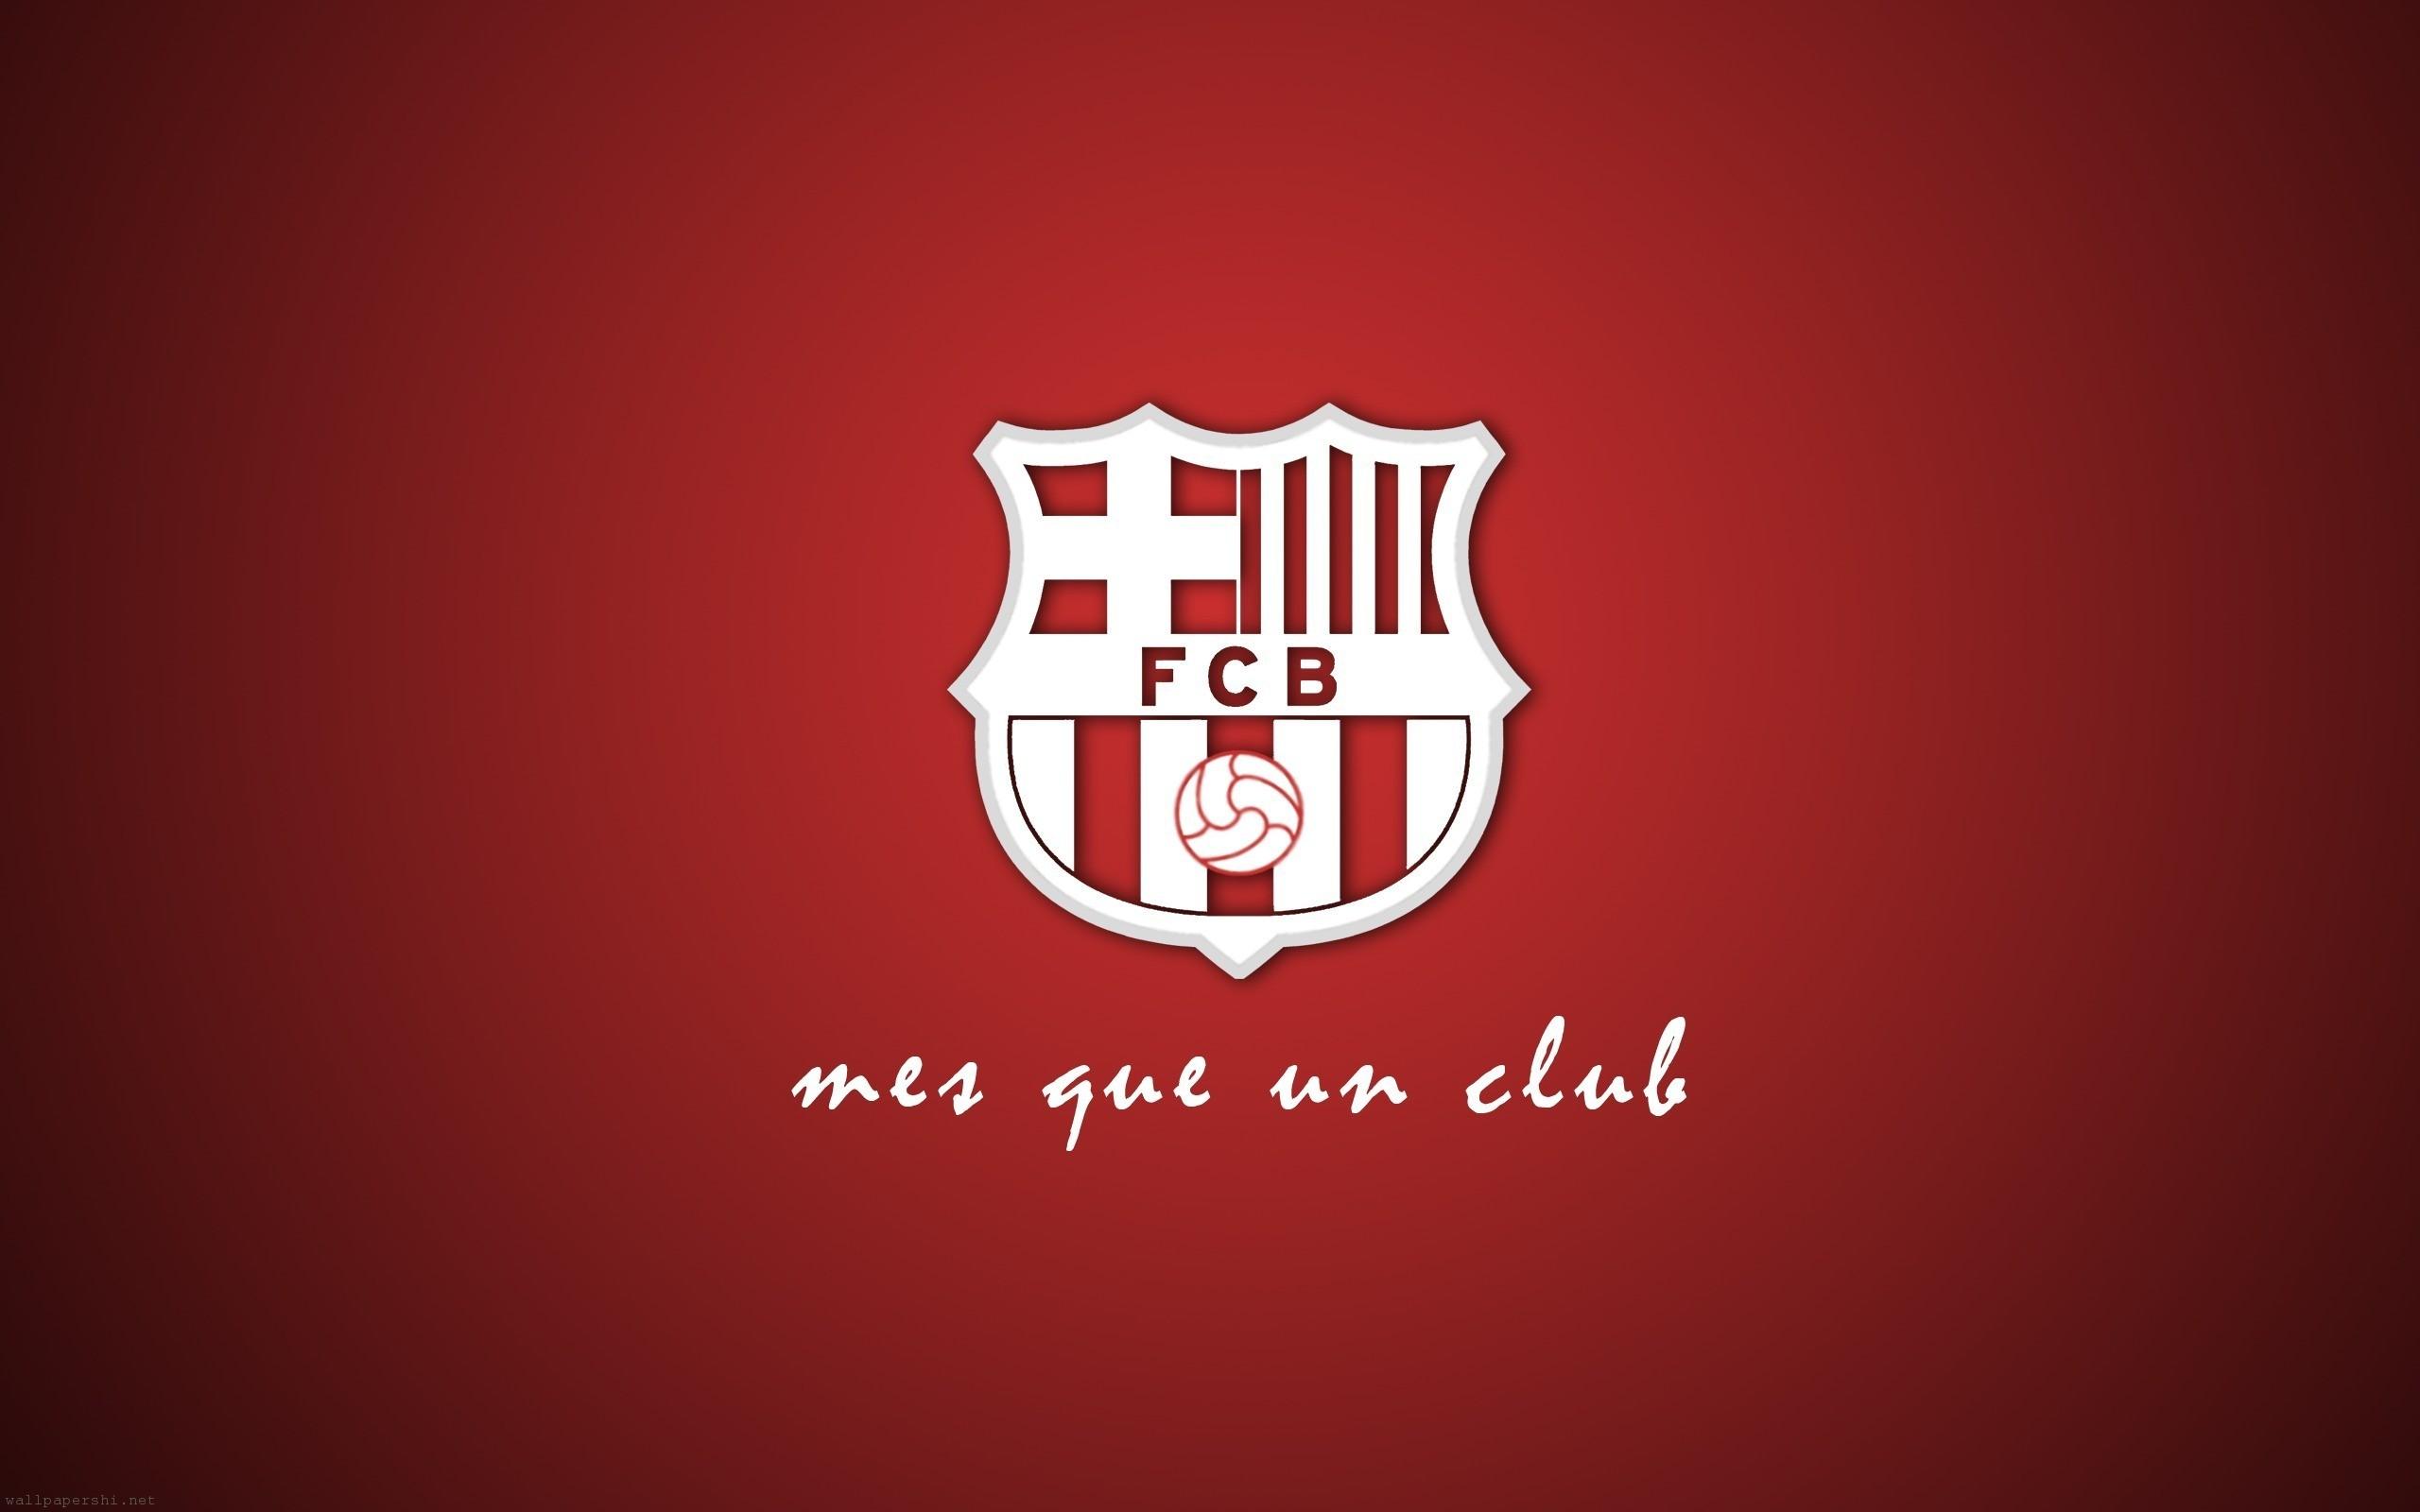 barcelona logo 2013   Free HD  2013 Desktop Background HD Wallpaper